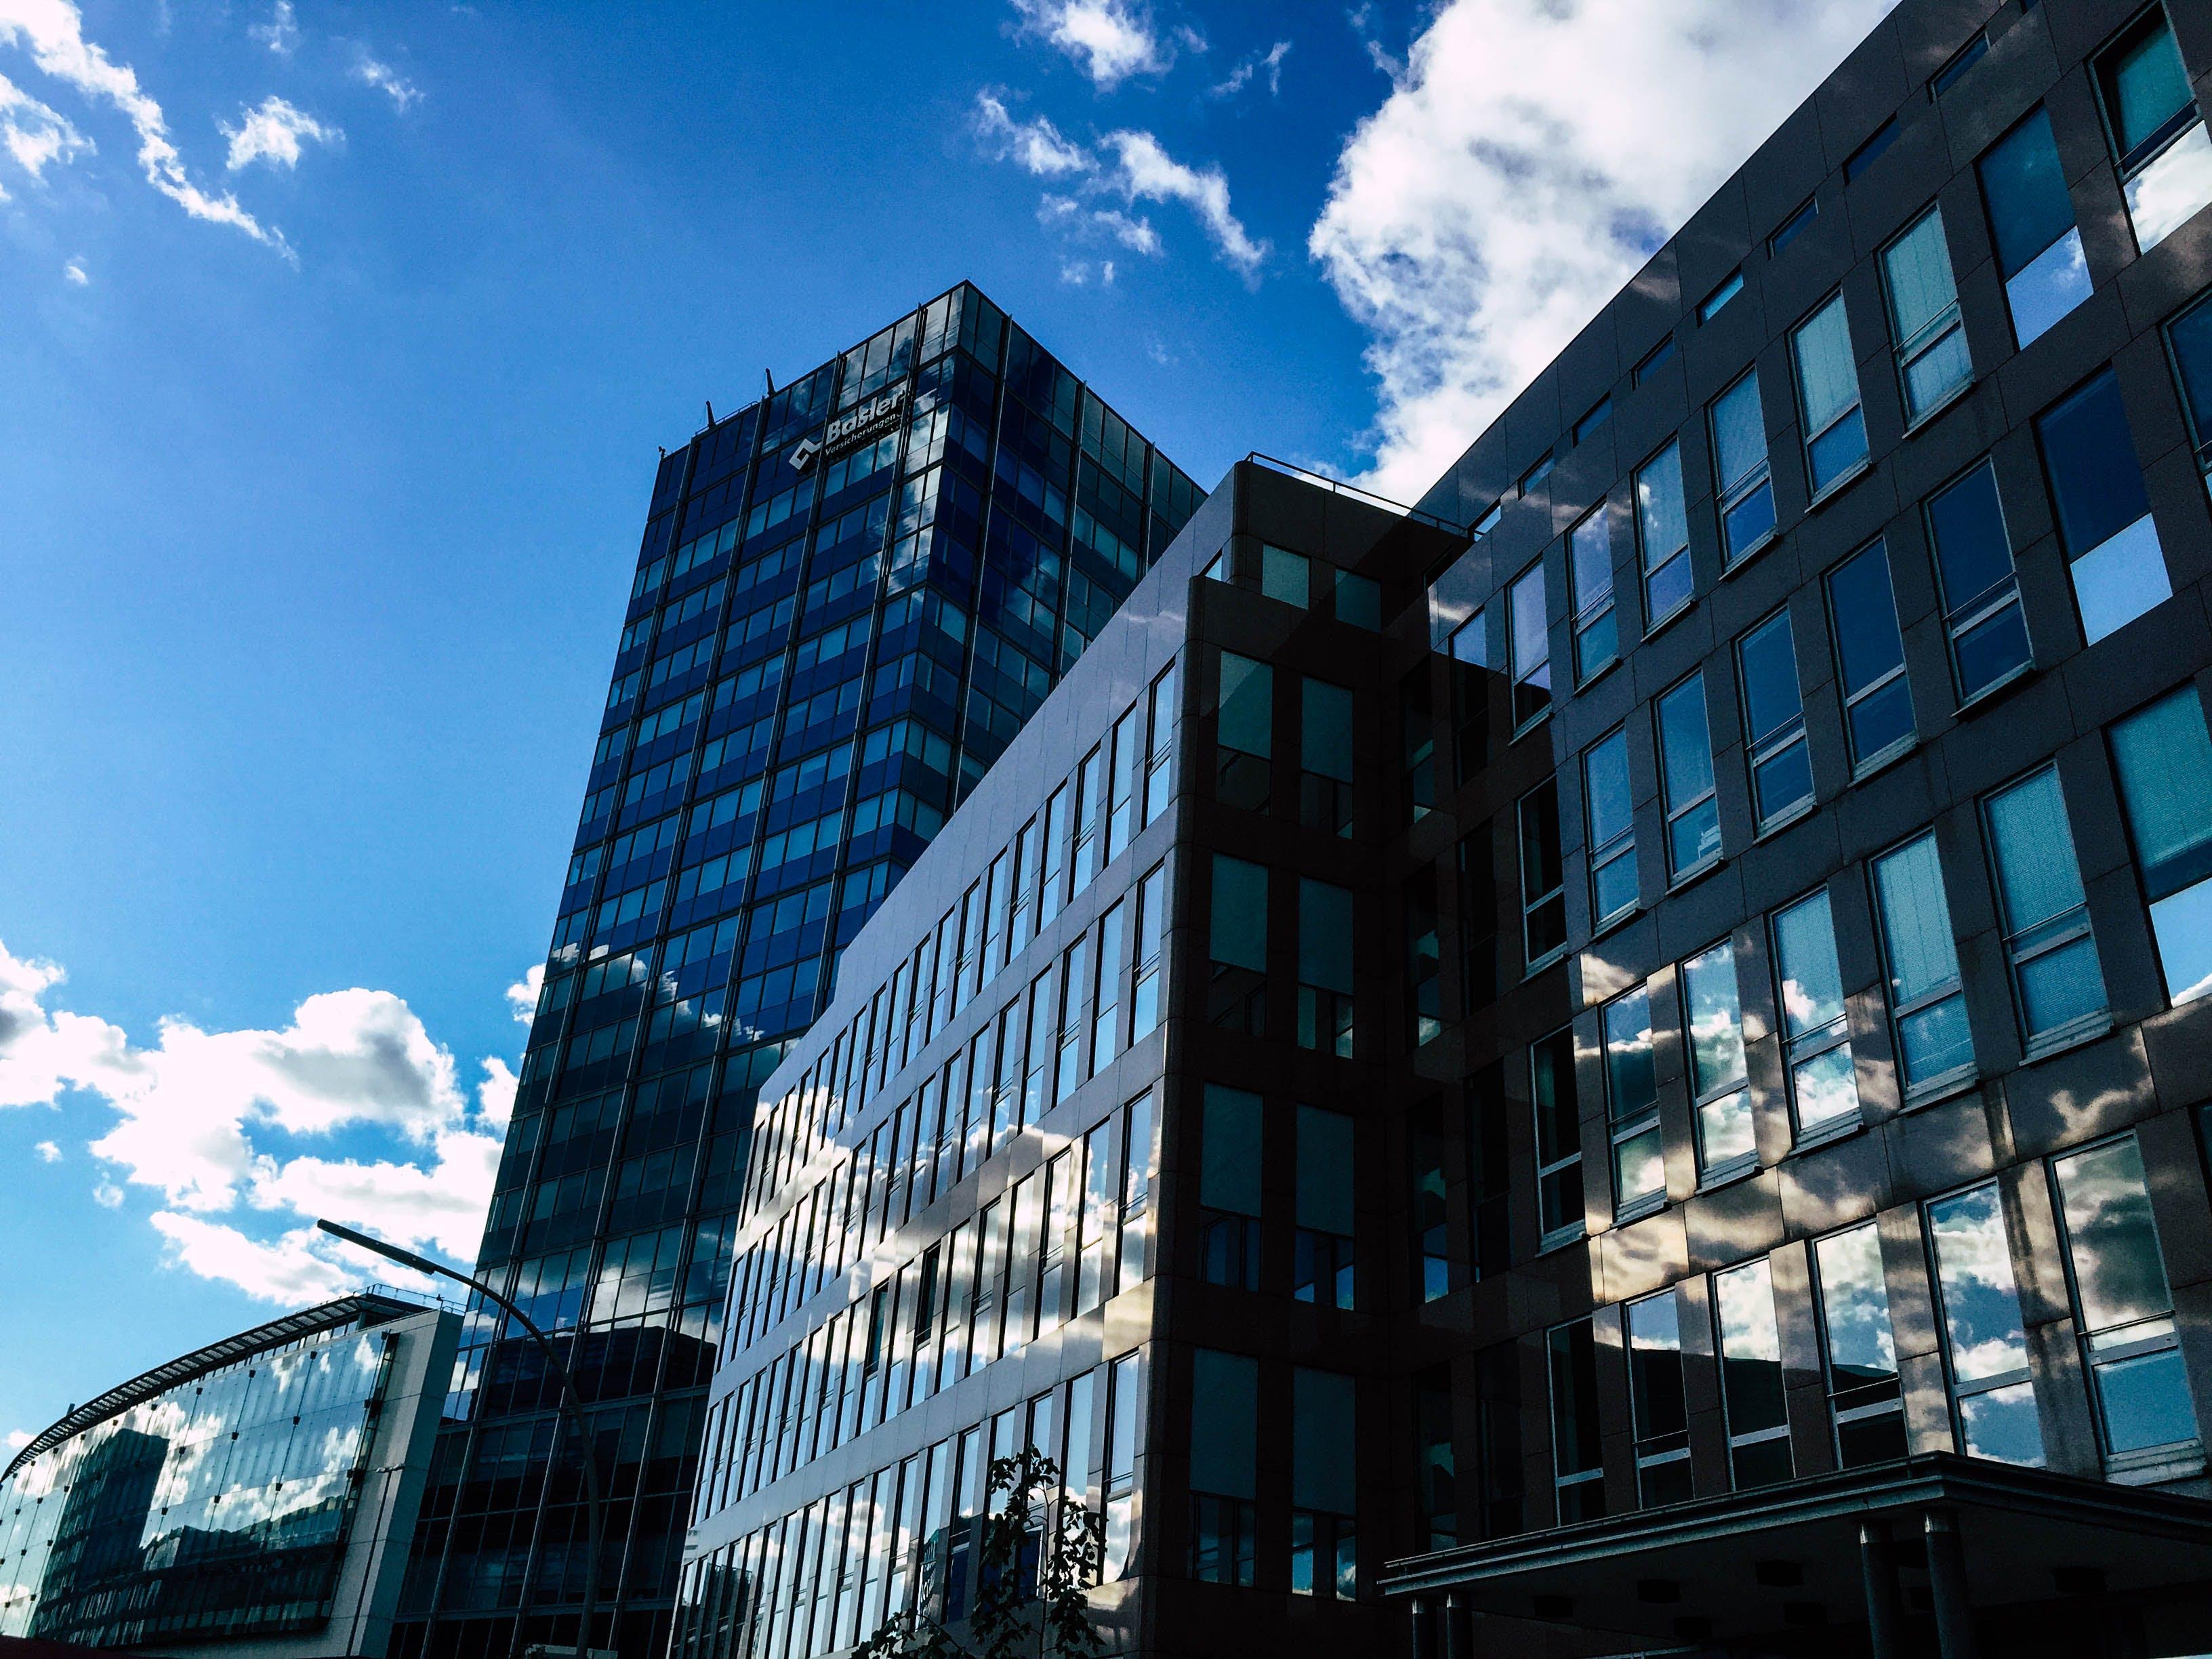 ガラスアイテム, ガラス窓, コンテンポラリー, シティの無料の写真素材